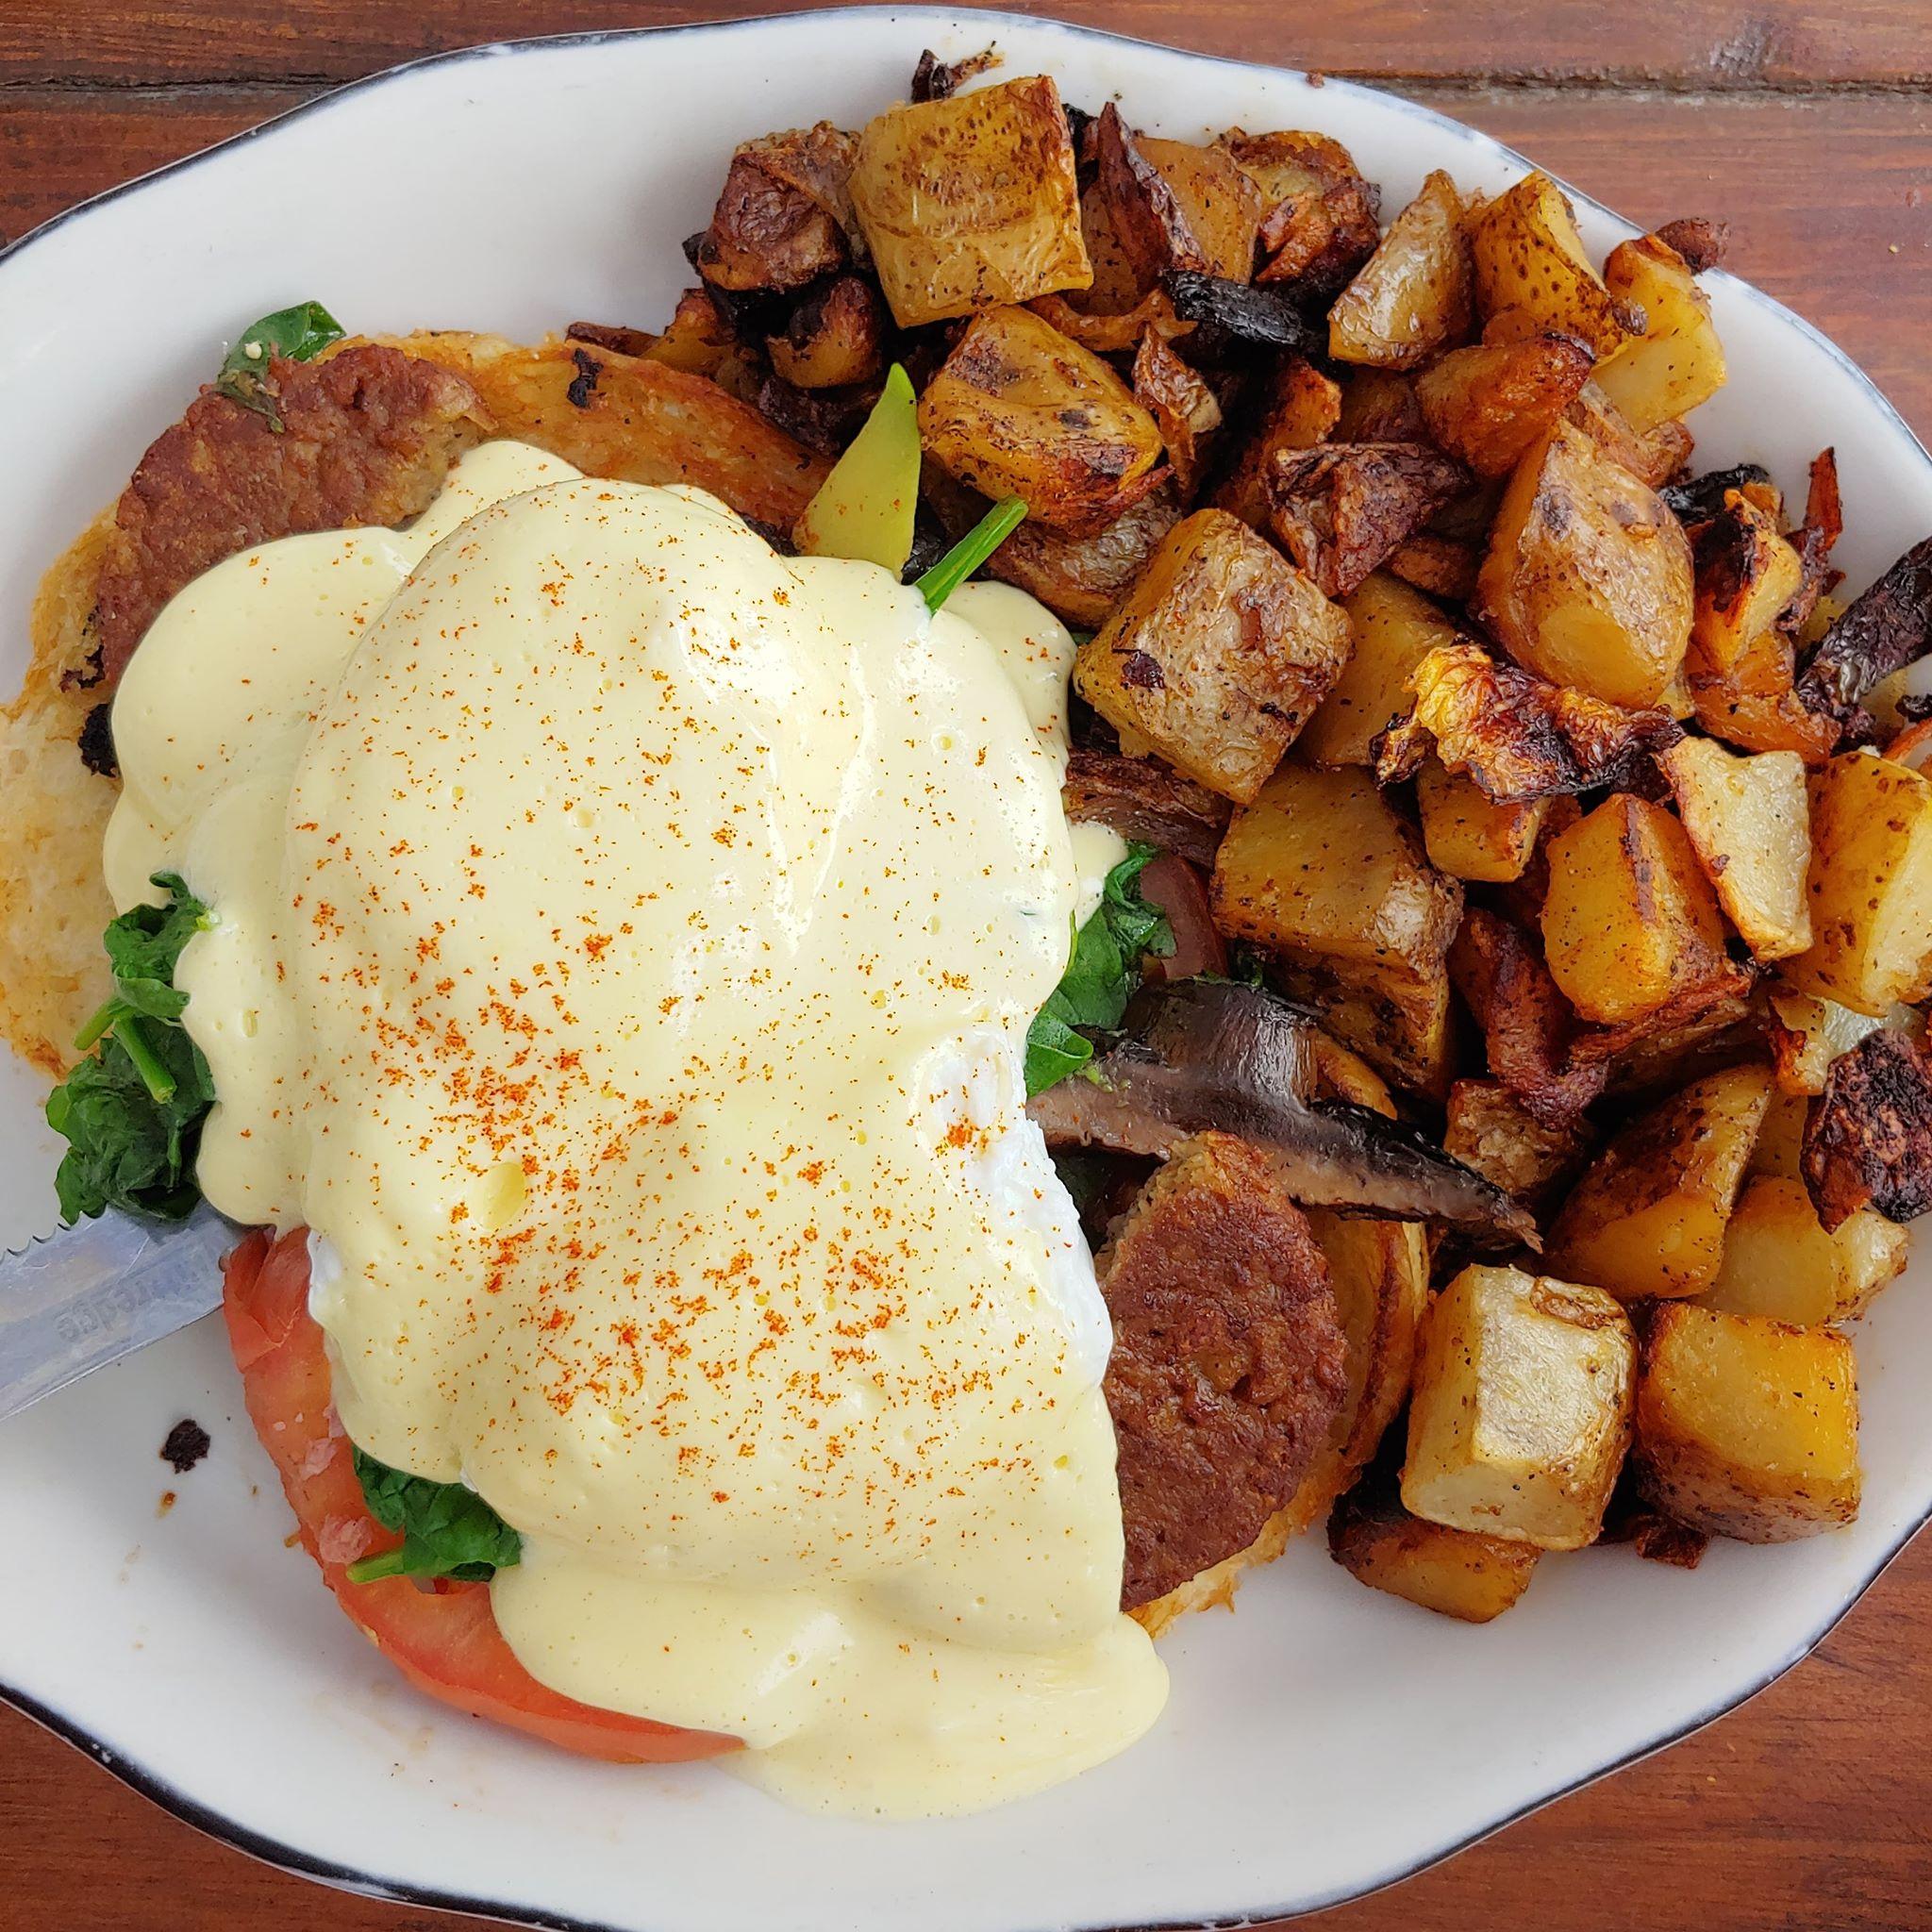 Sneakers Bistro & Cafe in Winooski, Vermont - best Vermont brunch restaurant - best eggs benedict in Vermont - breakfast burlington vt - breakfast winooski vt - california eggs benedict sneakers winooski vt